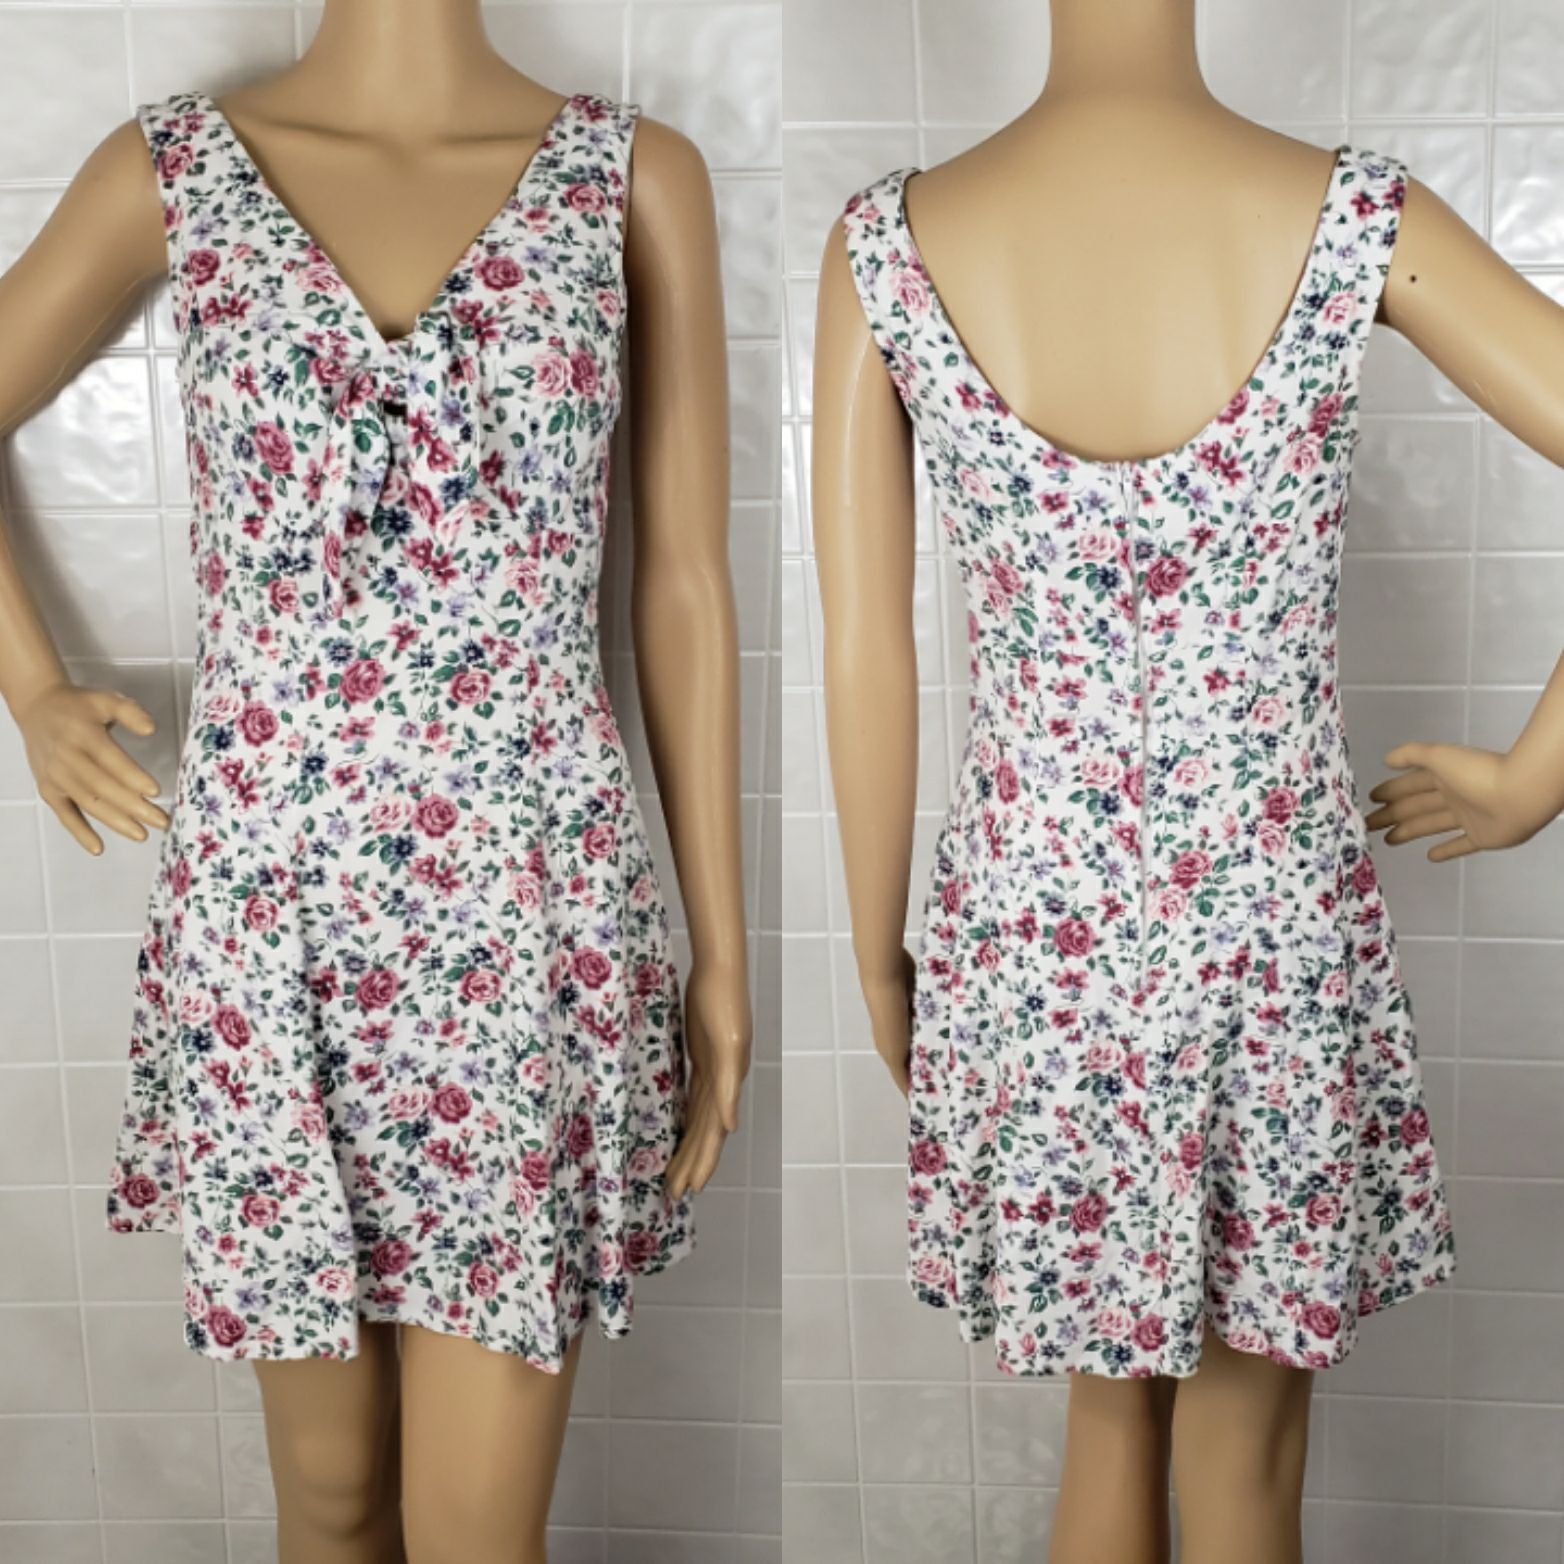 S vintage 90s floral a-line flare dress